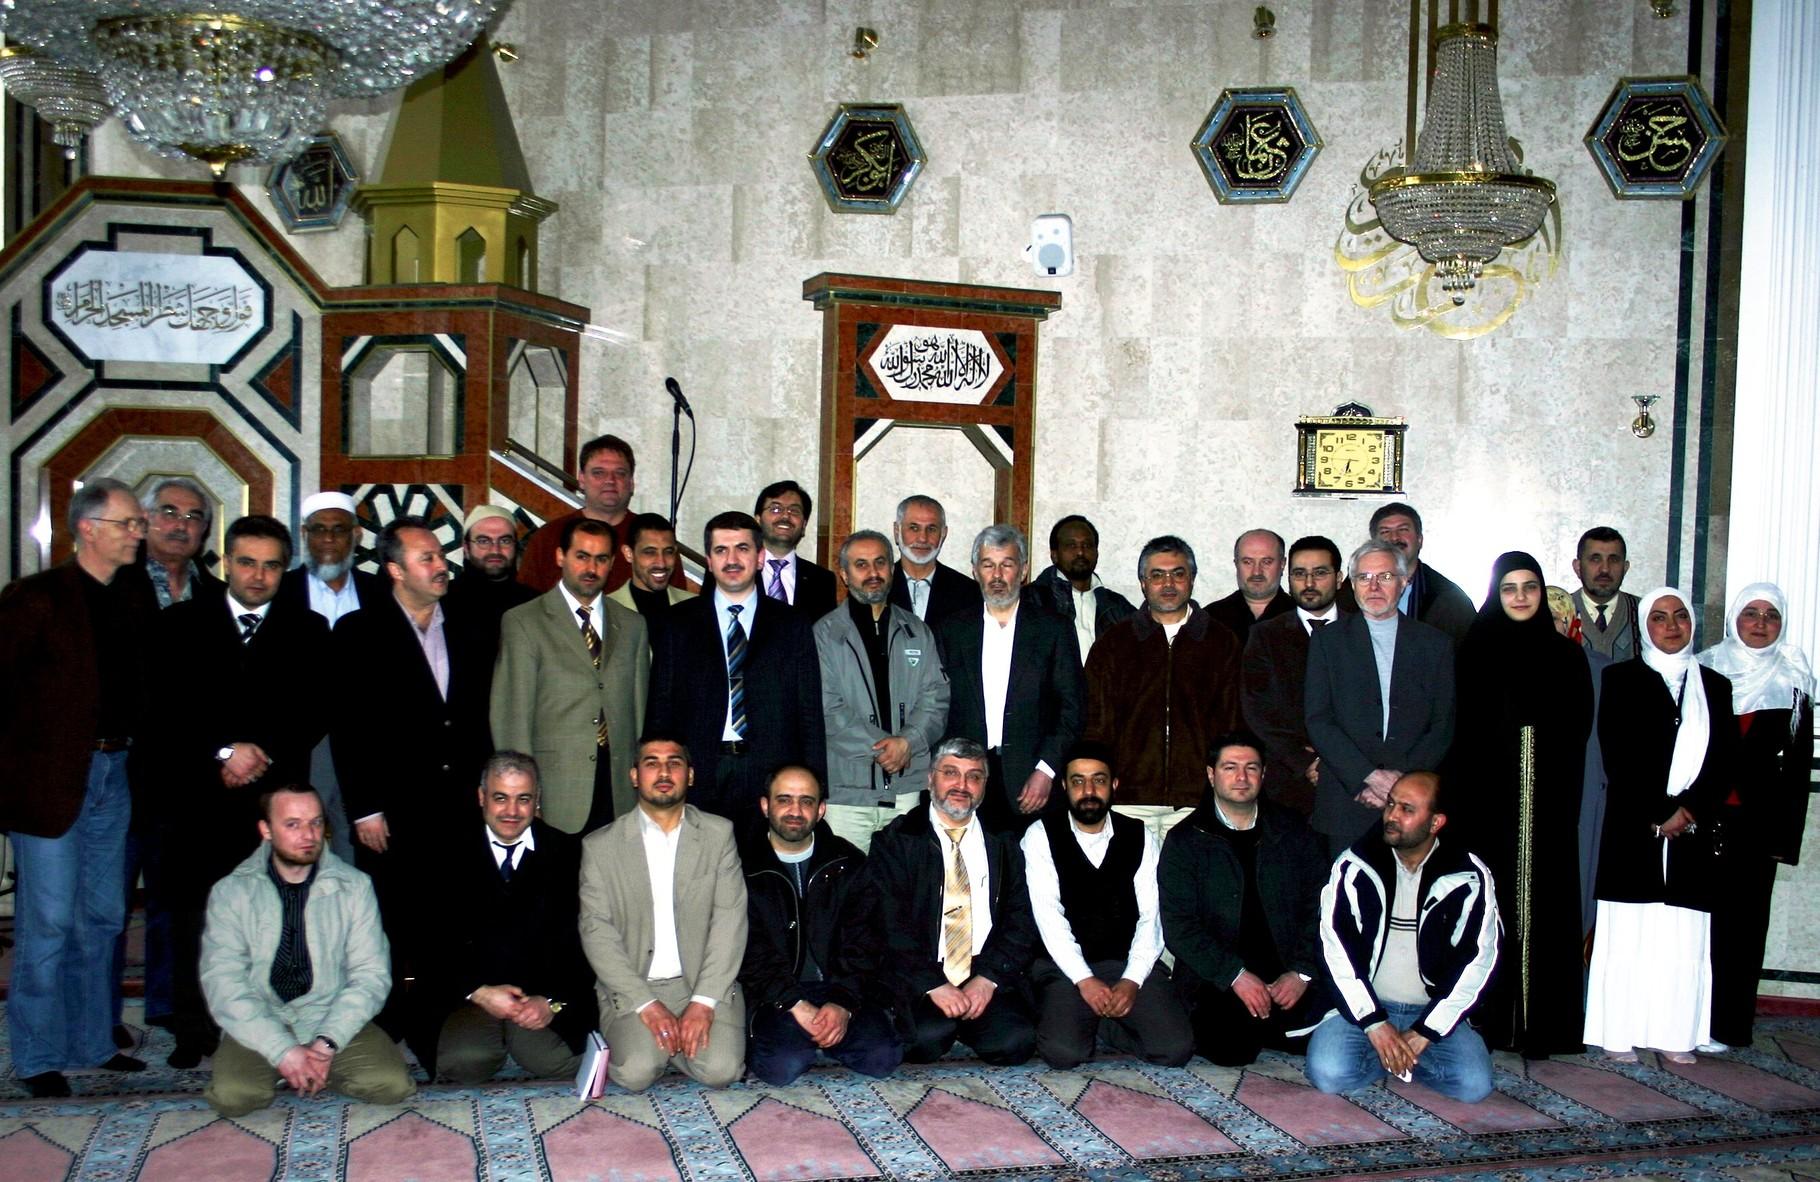 Religiöse Vielfalt: Auf der Jahreshauptversammlung am 28.02.2015 in Hannover wurden weitere schiitische Moscheegemeinden aufgenommen. Dadurch verbindet die Schura die Vielfalt der muslimischen Identitäten im Lande.